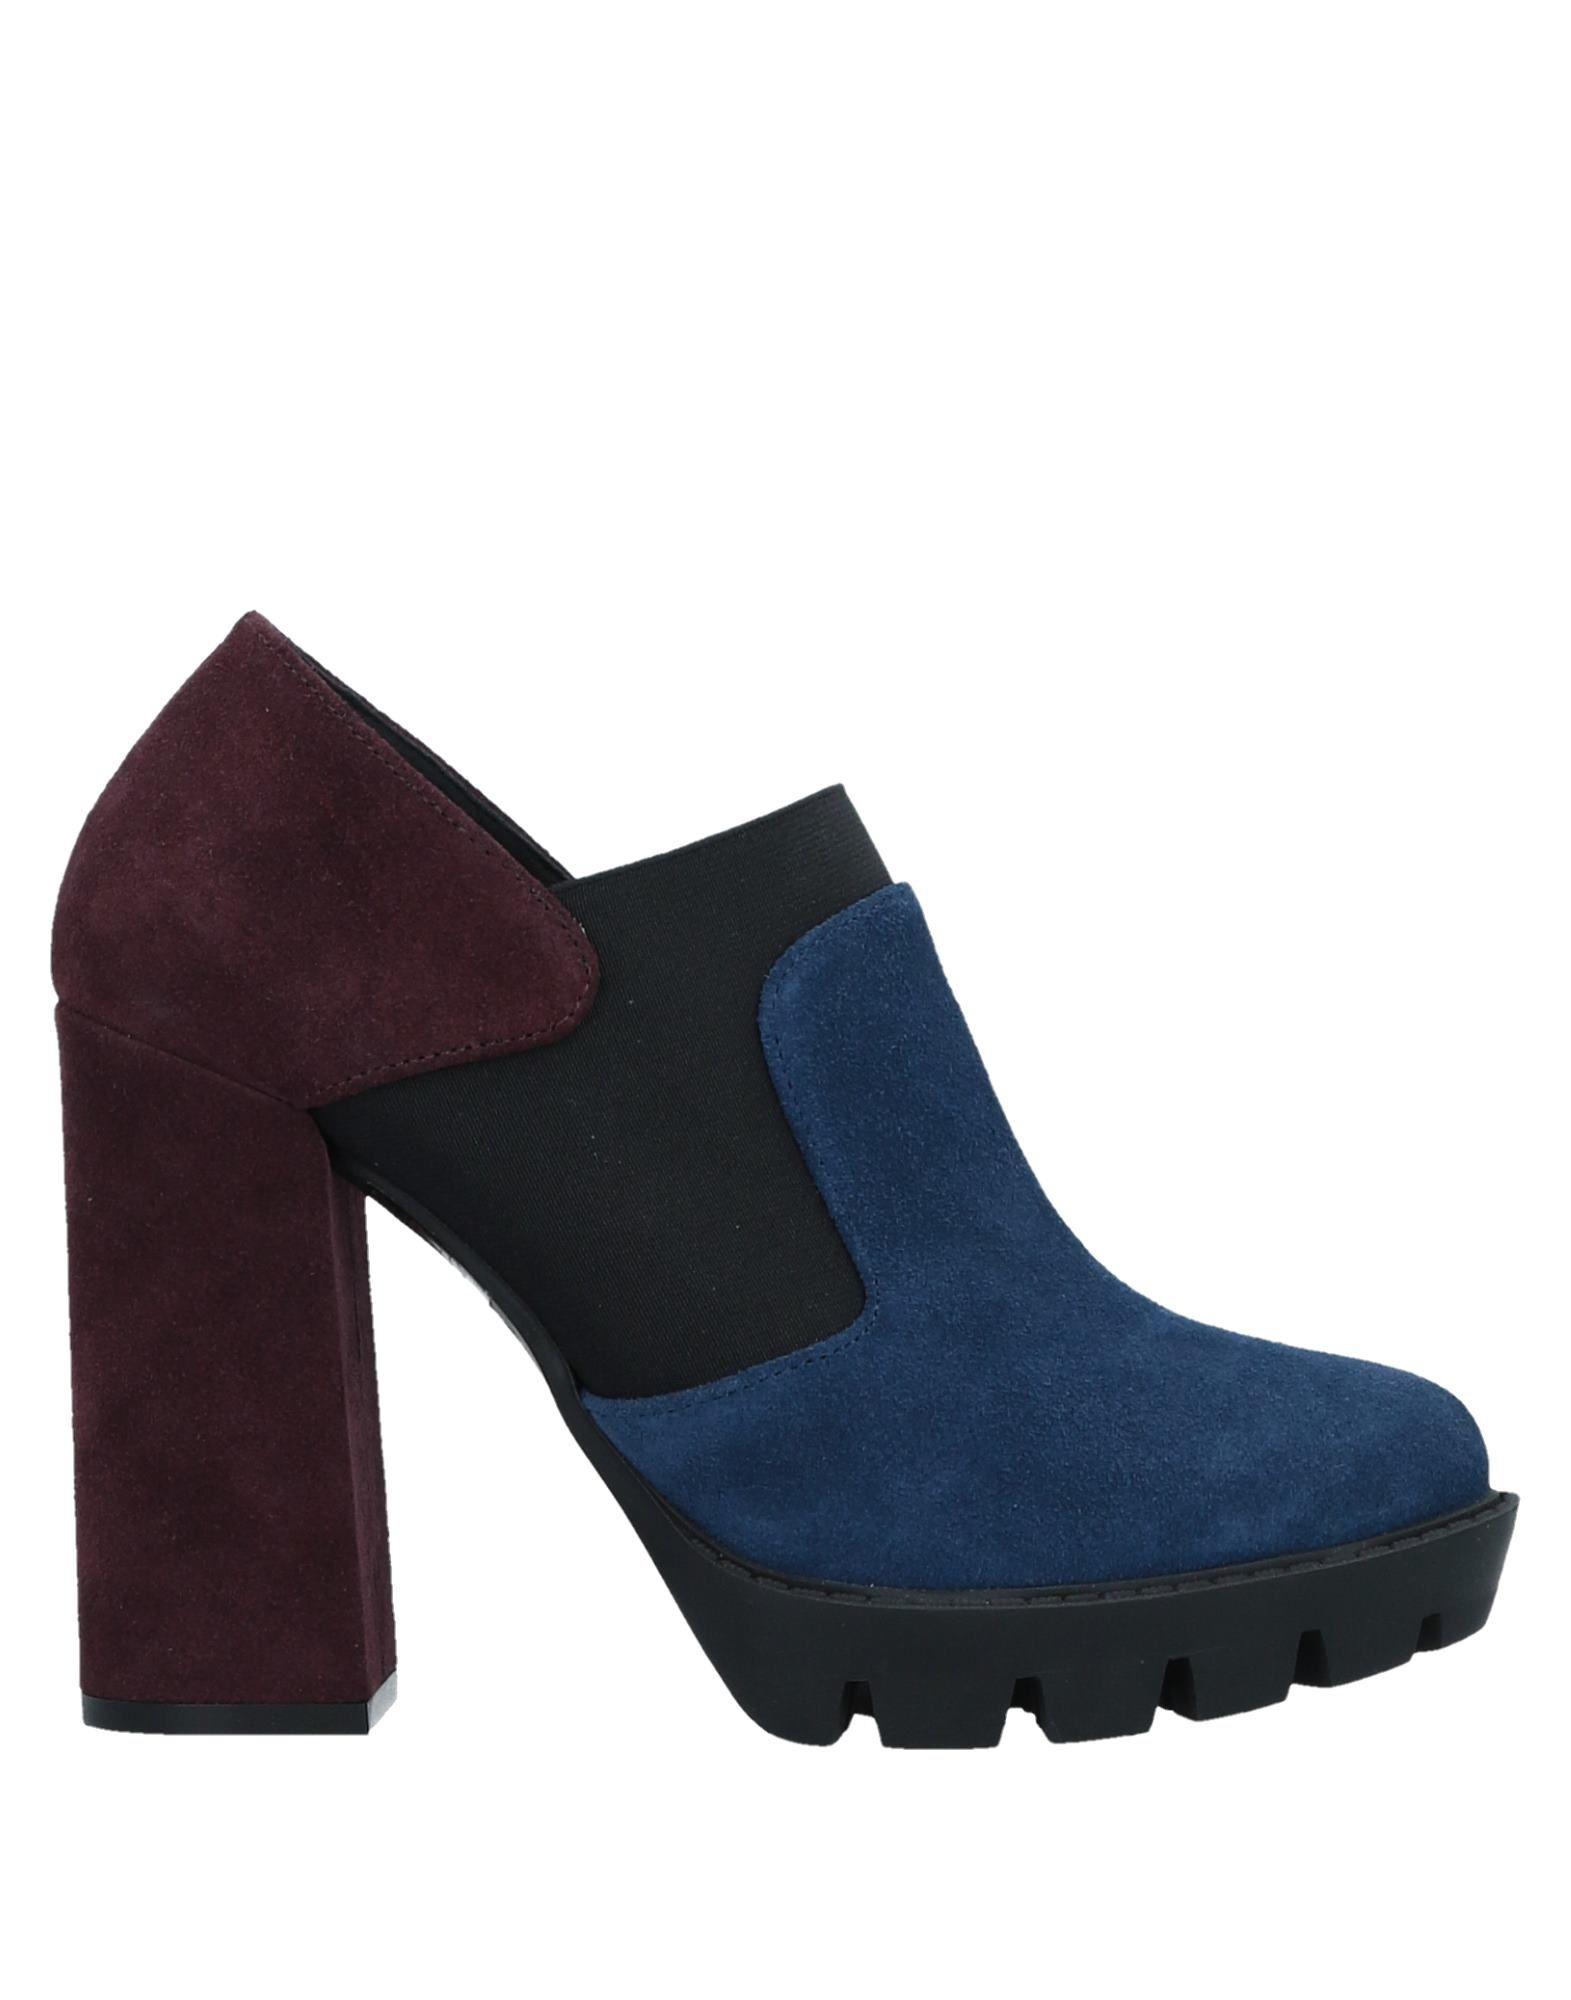 Haltbare Mode billige Heiße Schuhe Pollini Stiefelette Damen  11515975GK Heiße billige Schuhe 81e7df